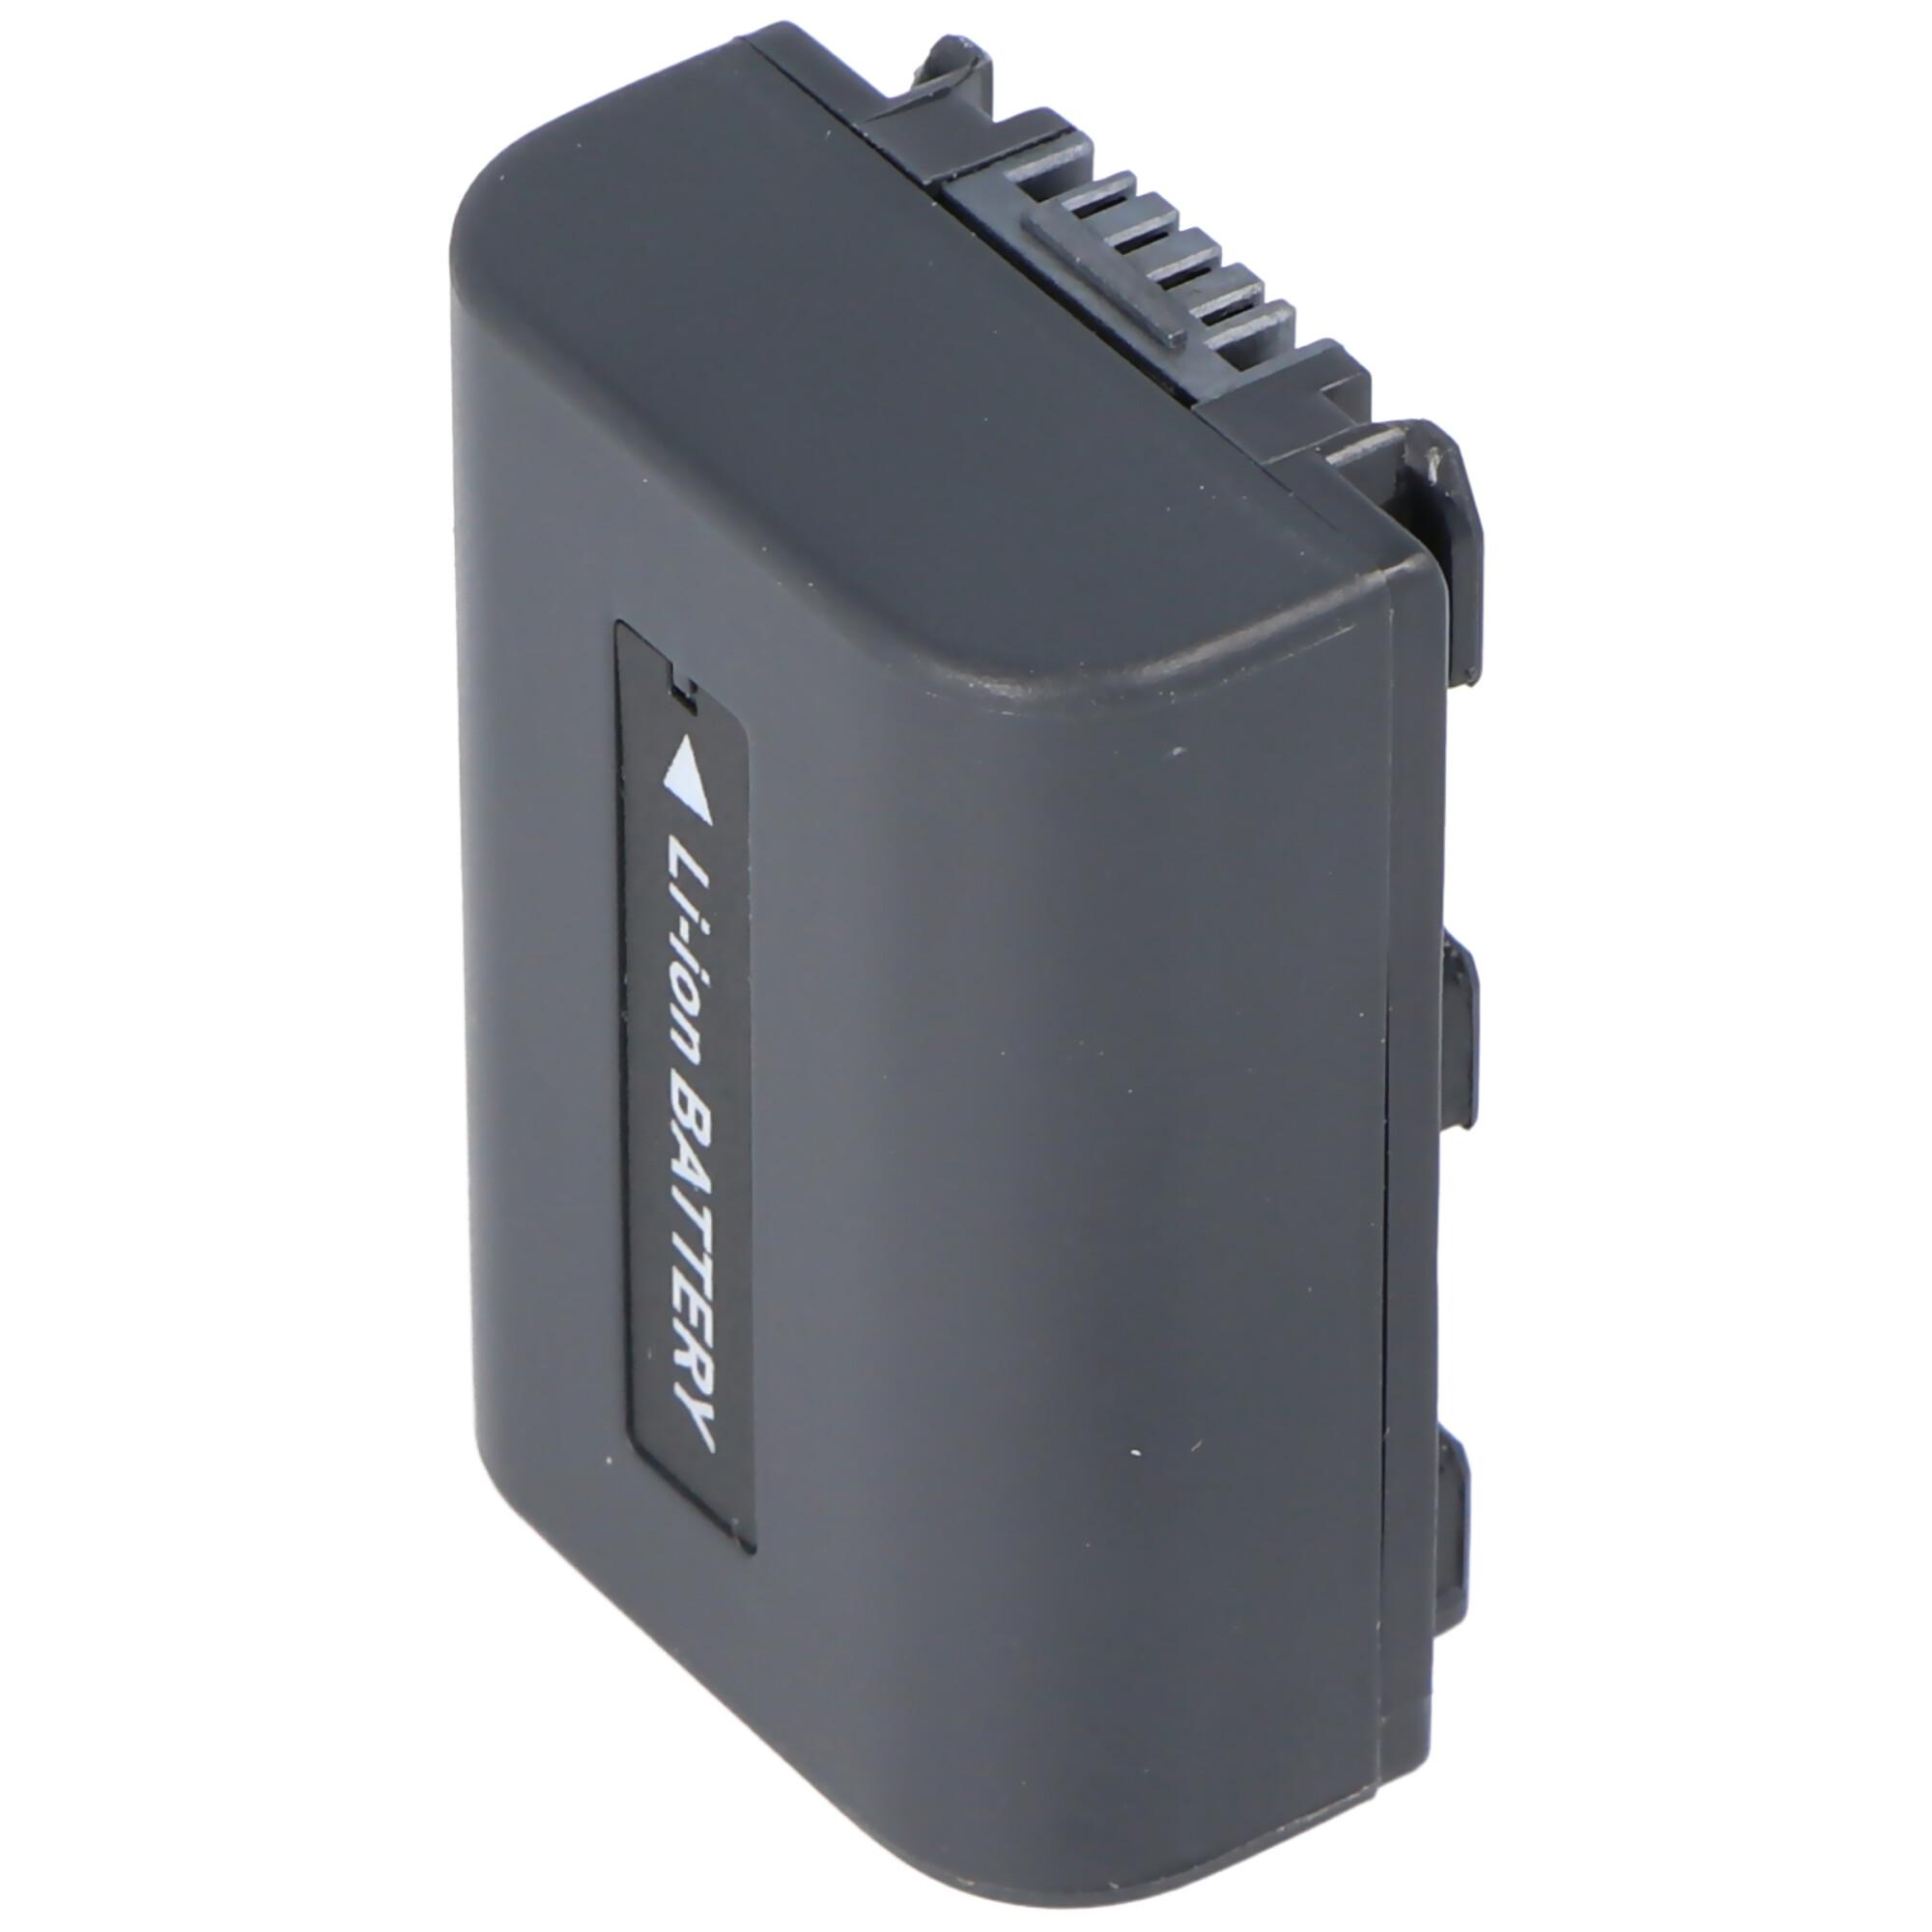 accucell schnell ladegerät passend für sony np fm50, fm70